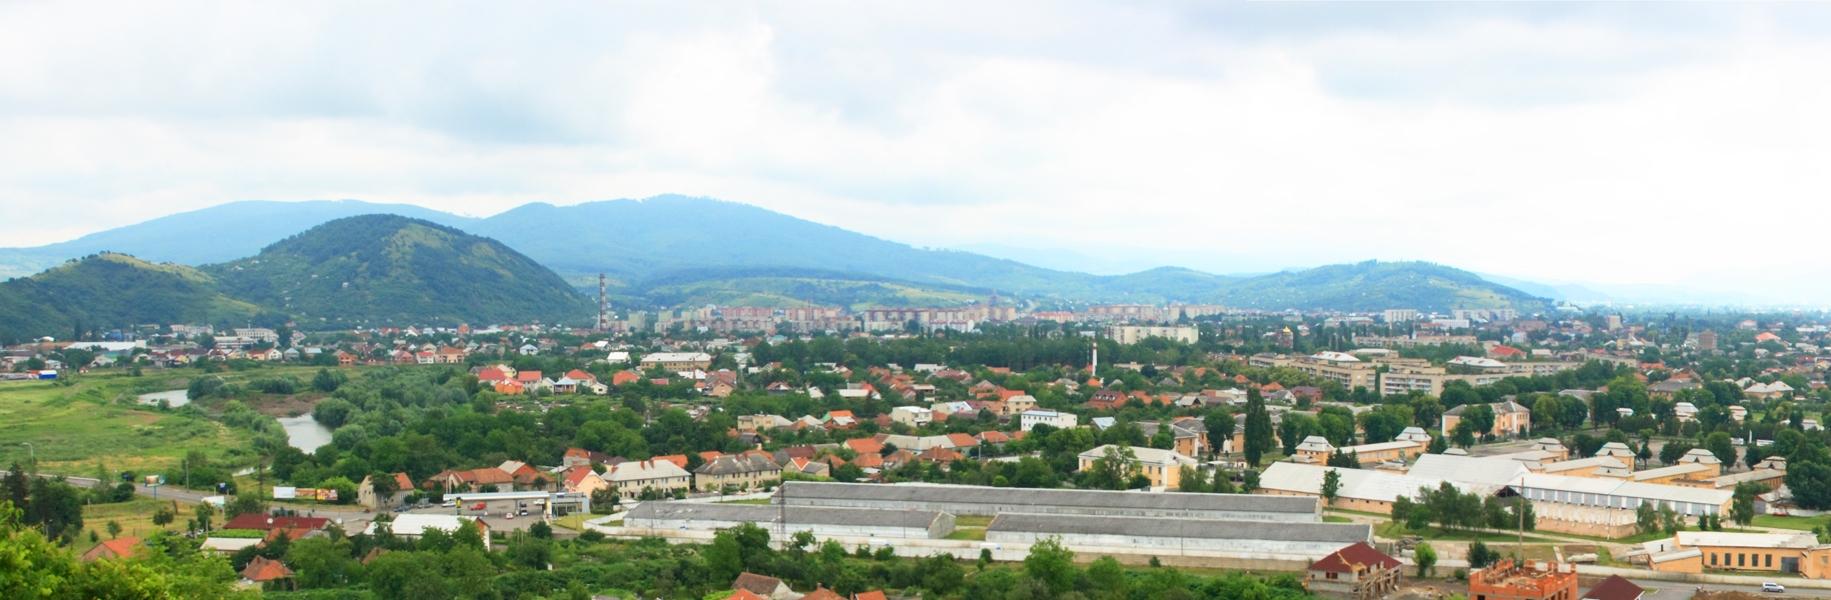 Вид на центральную часть города с Замковой горы